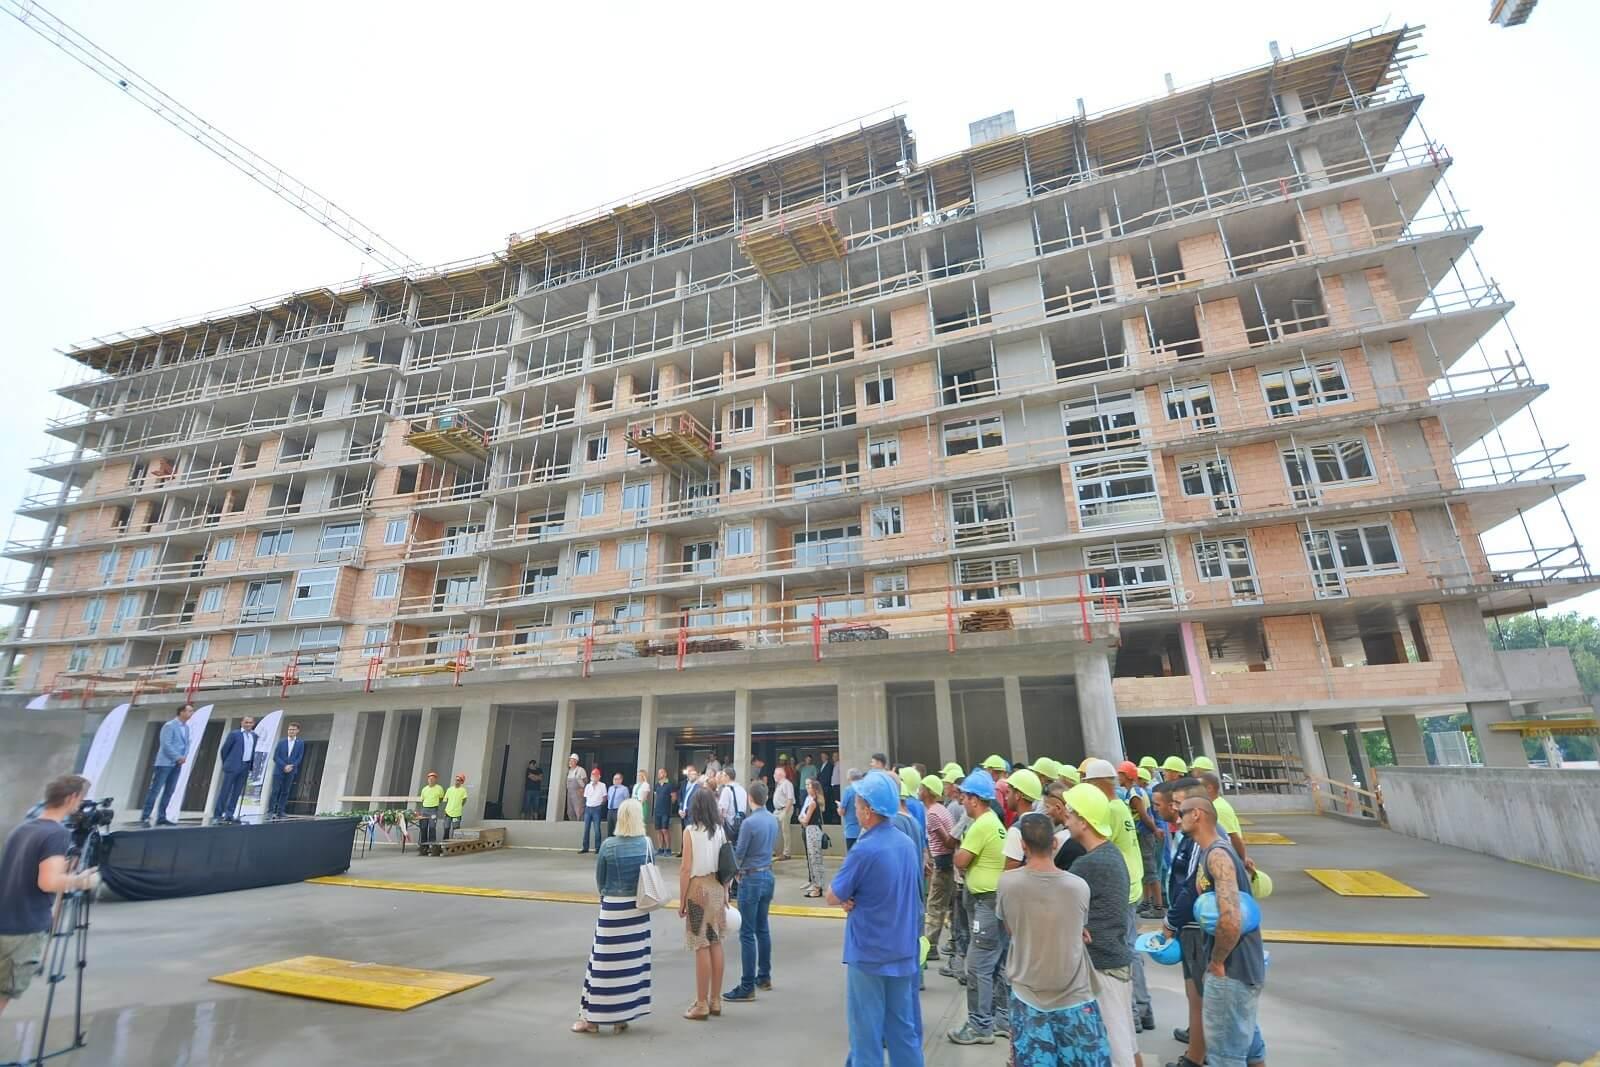 Több száz lakás épül Székesfehérvár megújuló városrészében